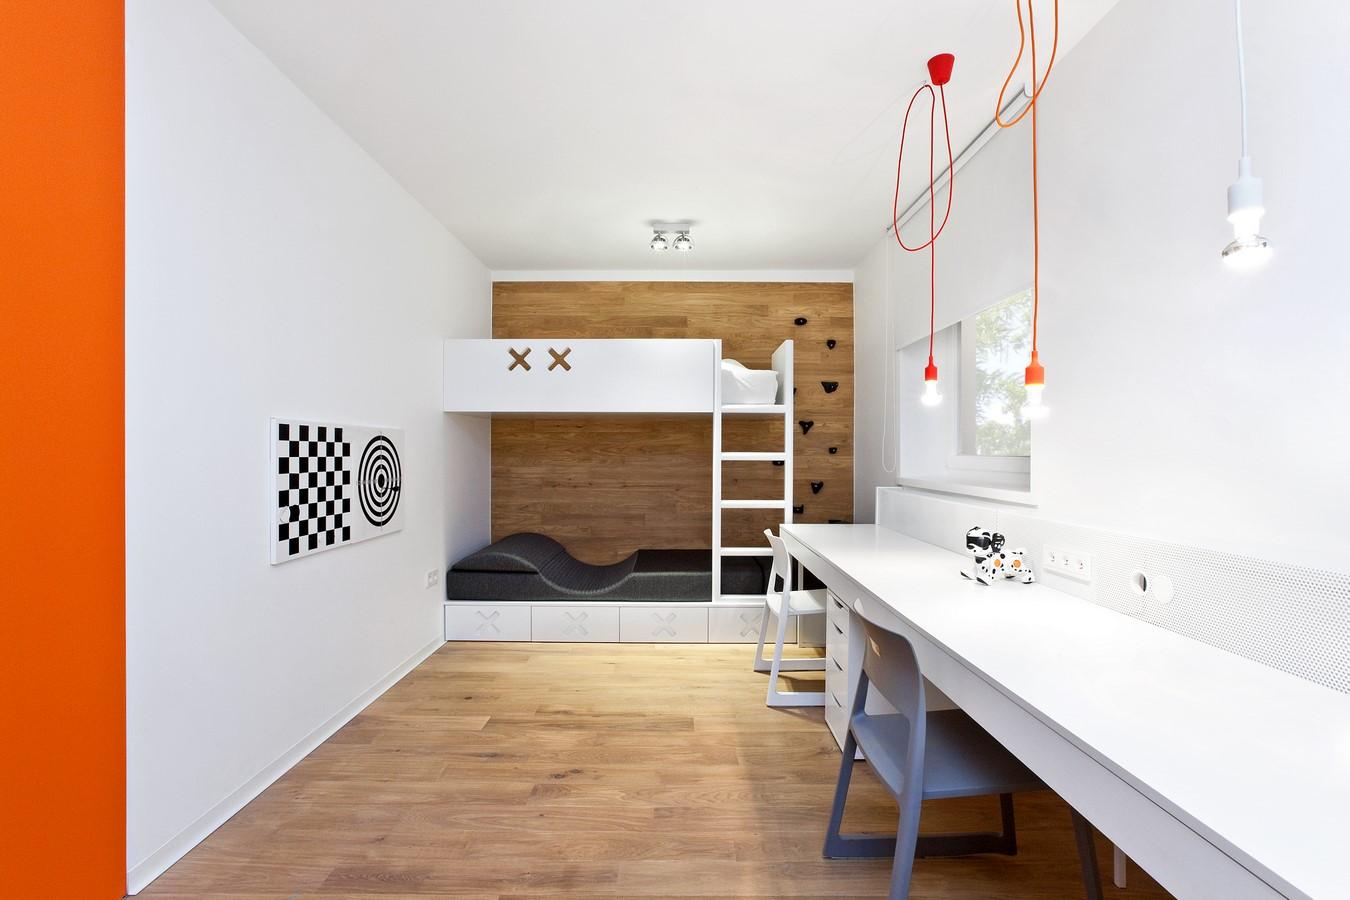 pokój dziecka, spacelab,projekt ażurowego wnętrza